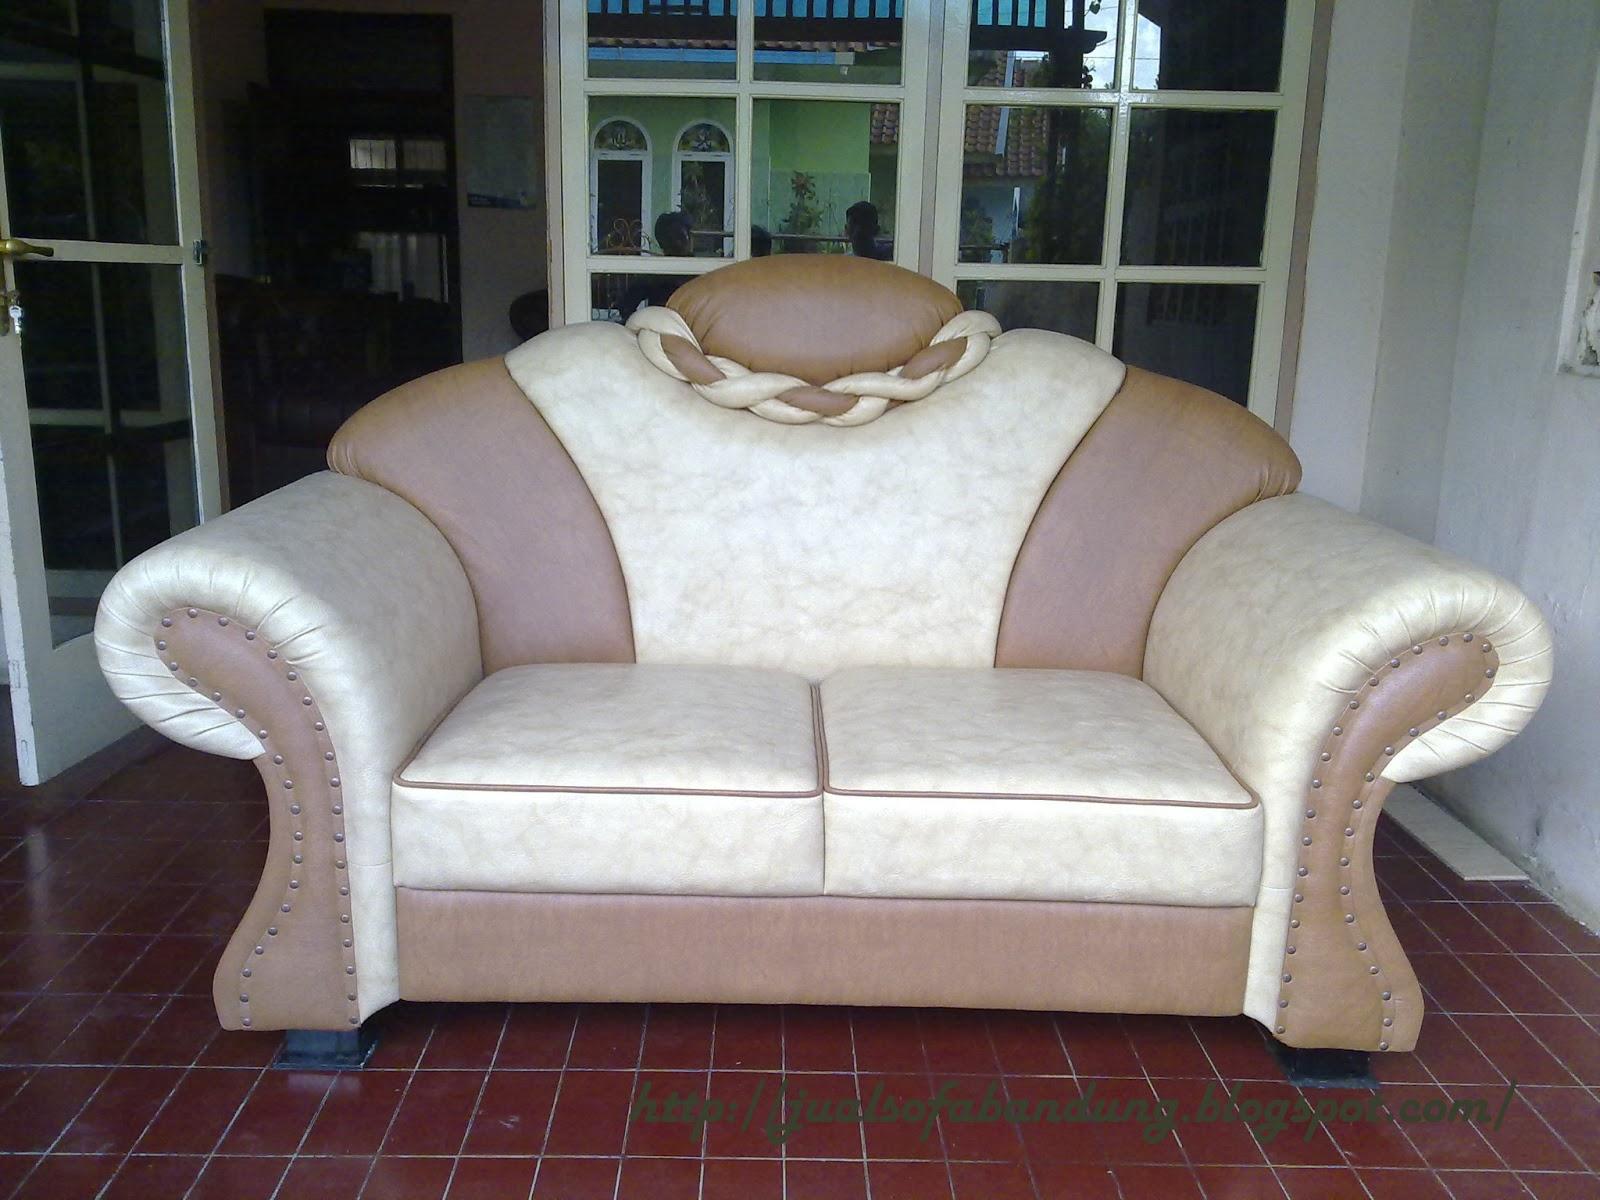 jual sofa murah medan - Informasi Jual Beli